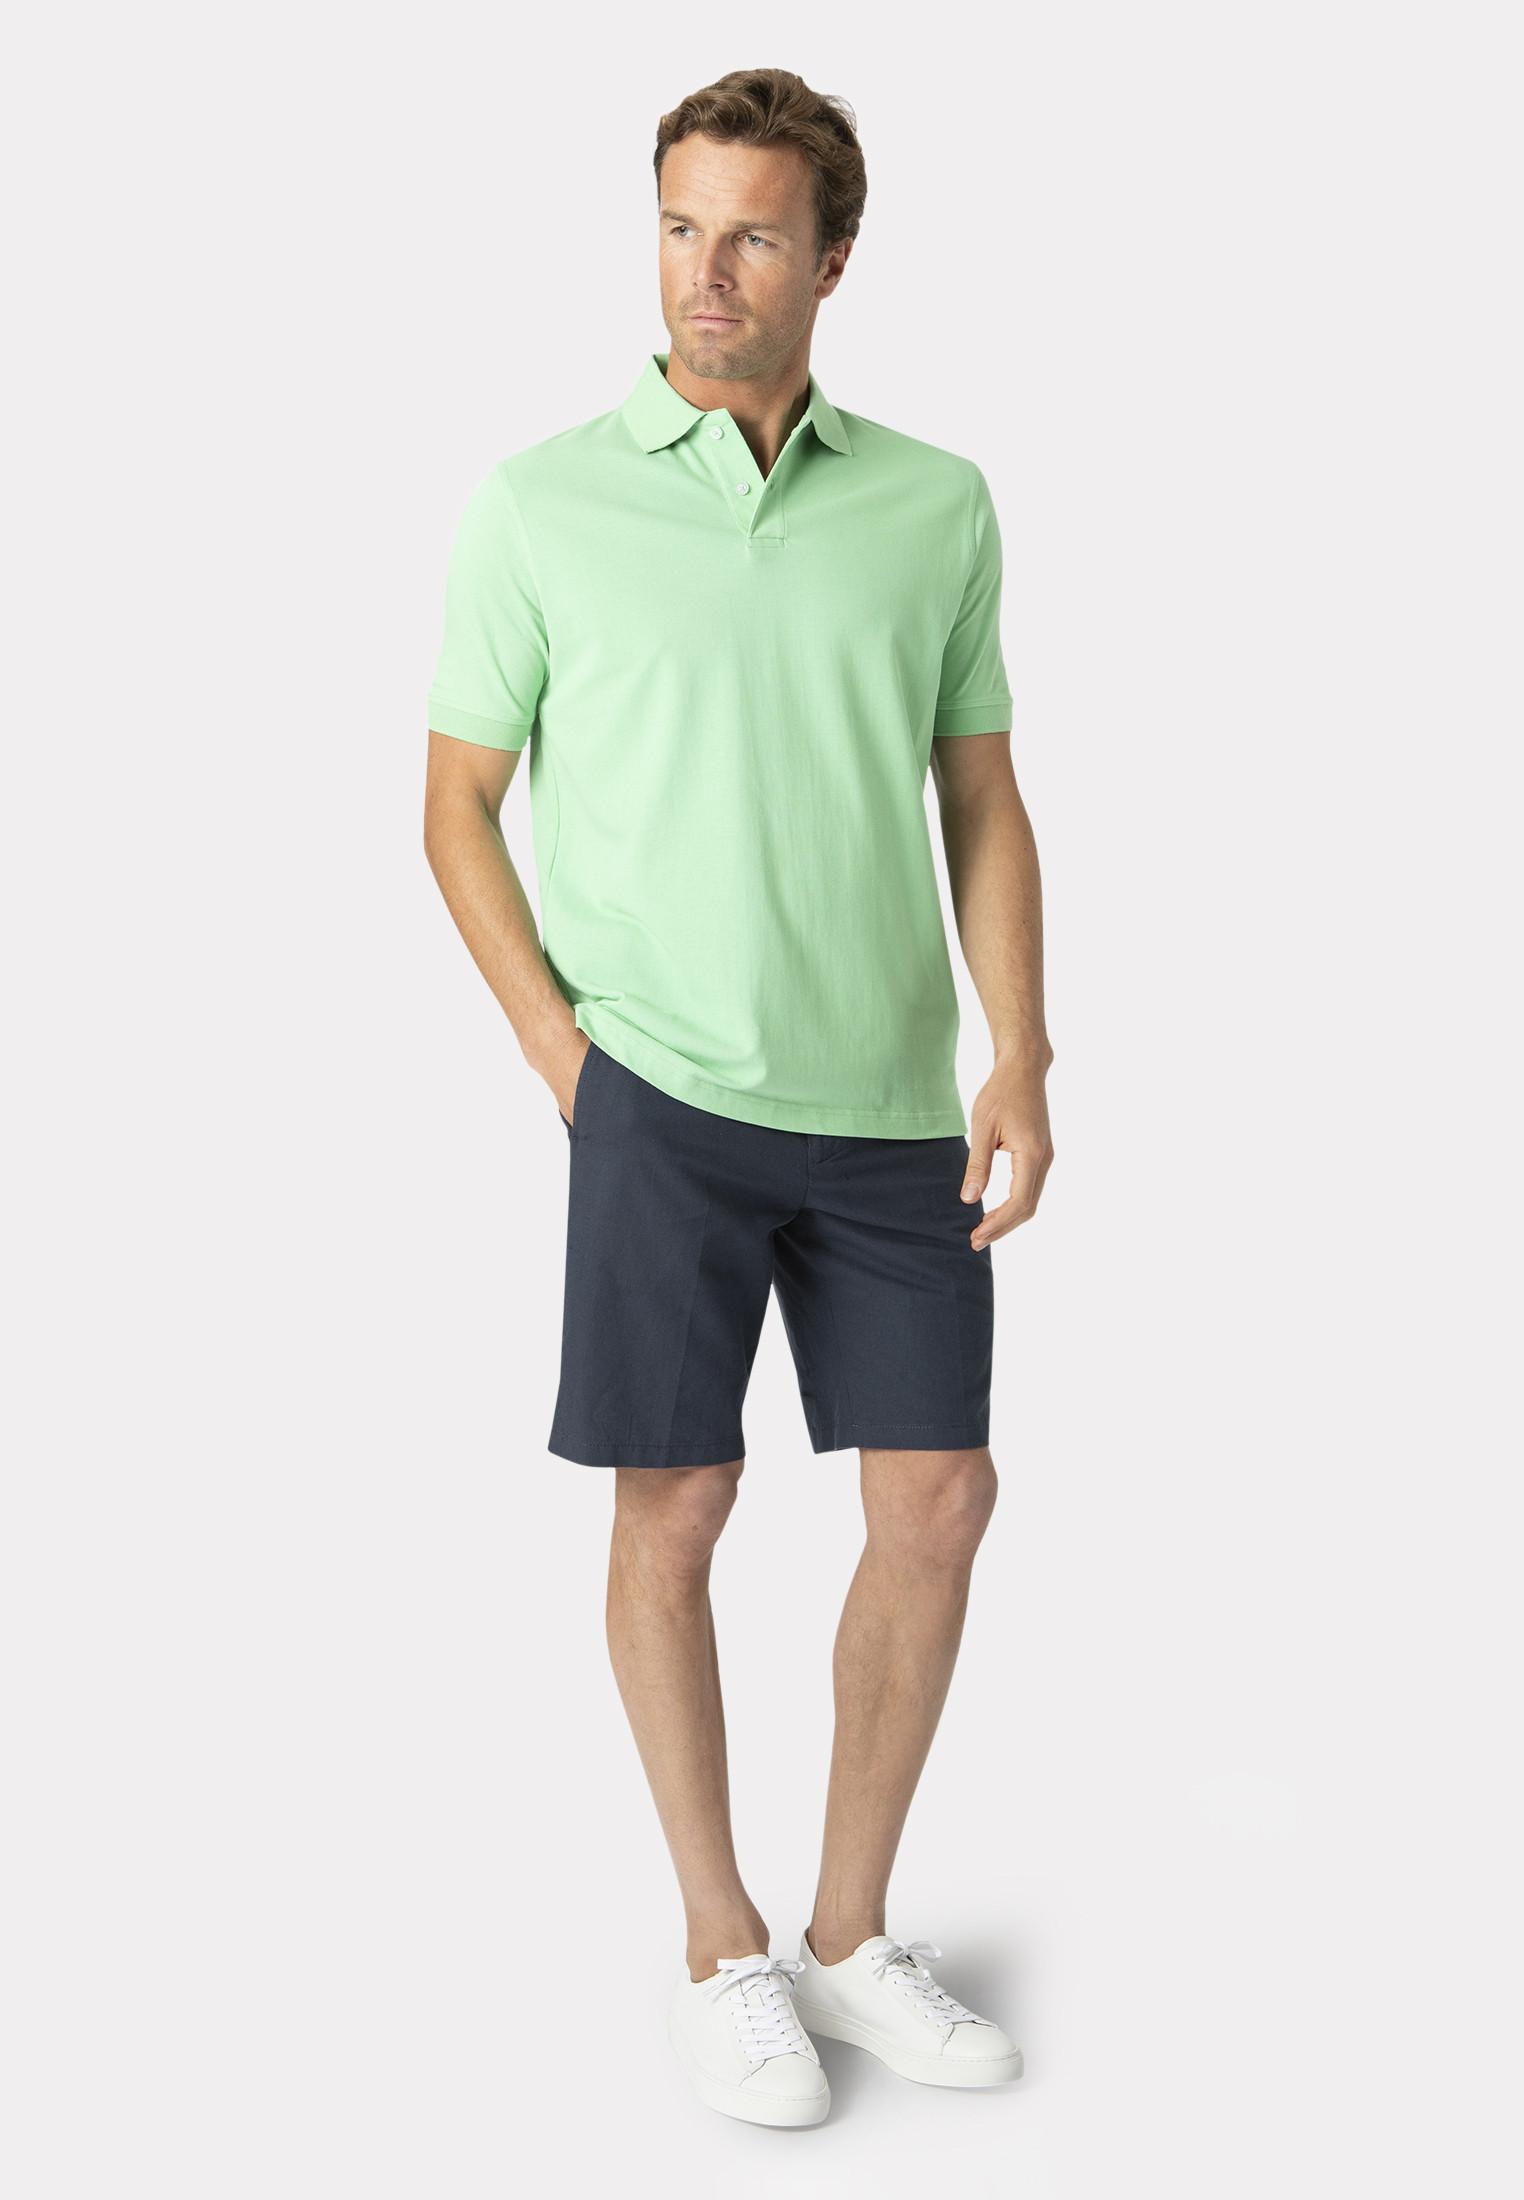 Milford Apple 100% Pique Cotton Polo Shirt